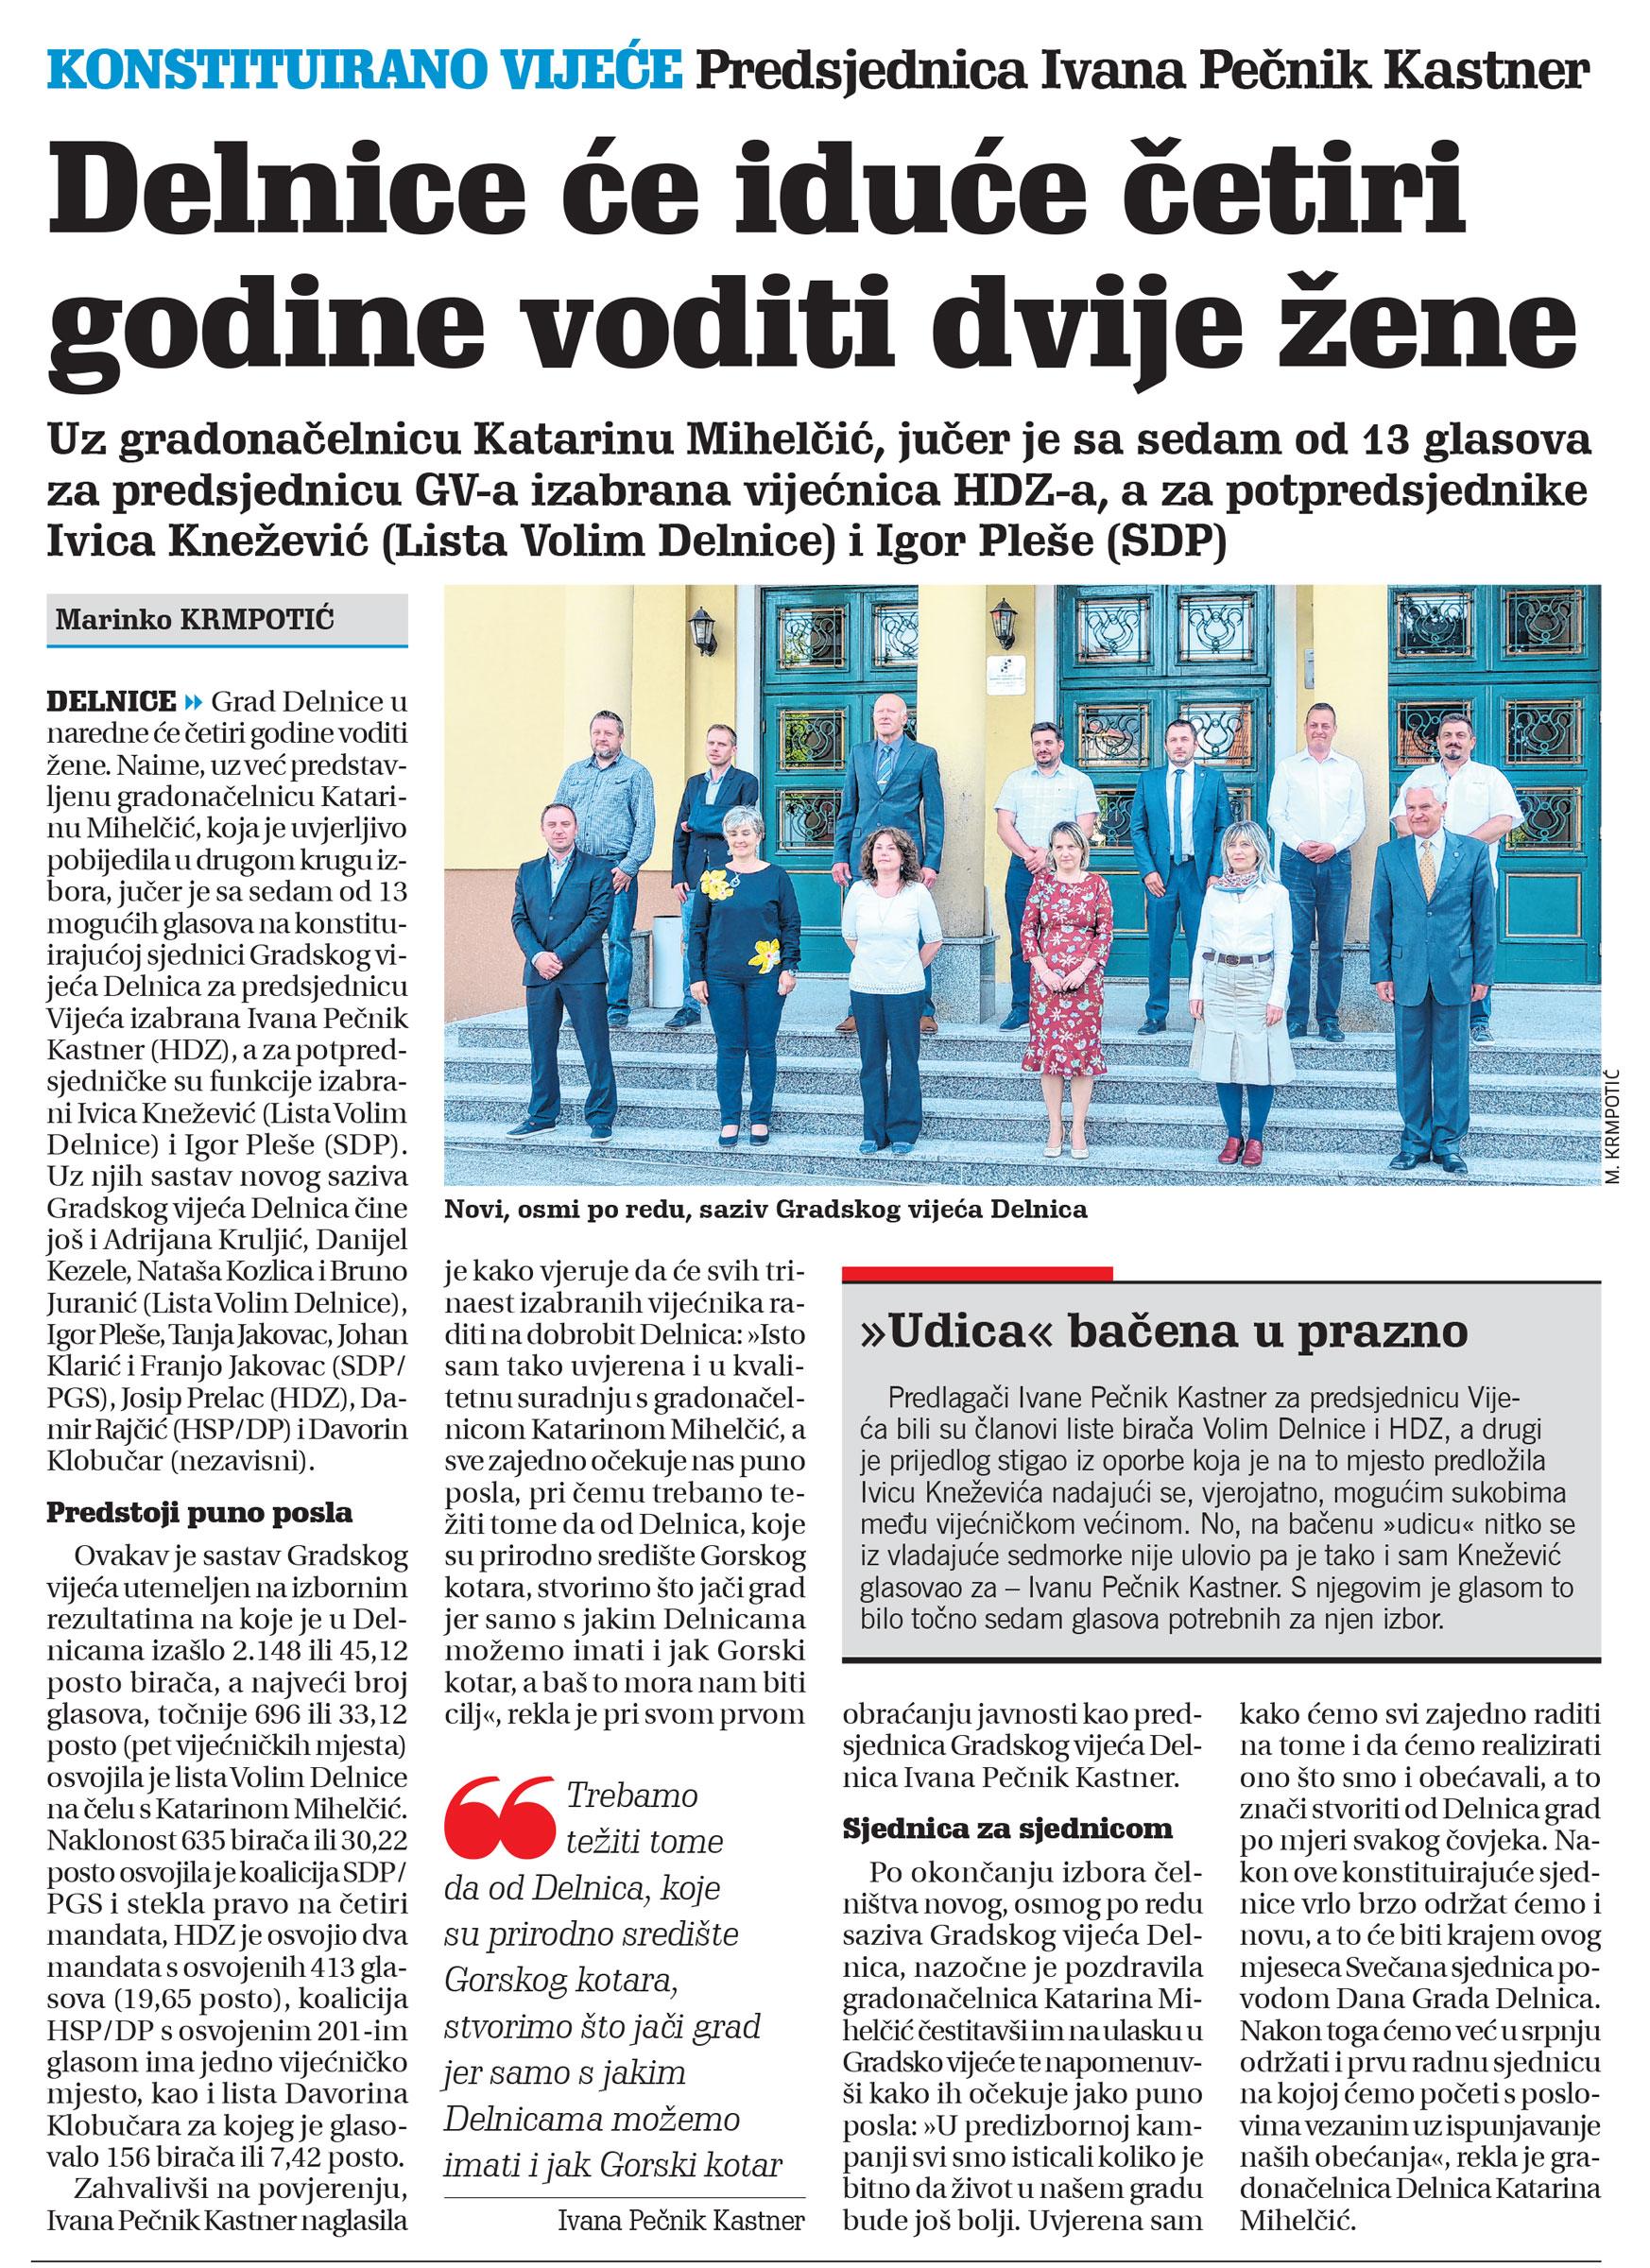 članak, novi list, gradsko vijeće delnice